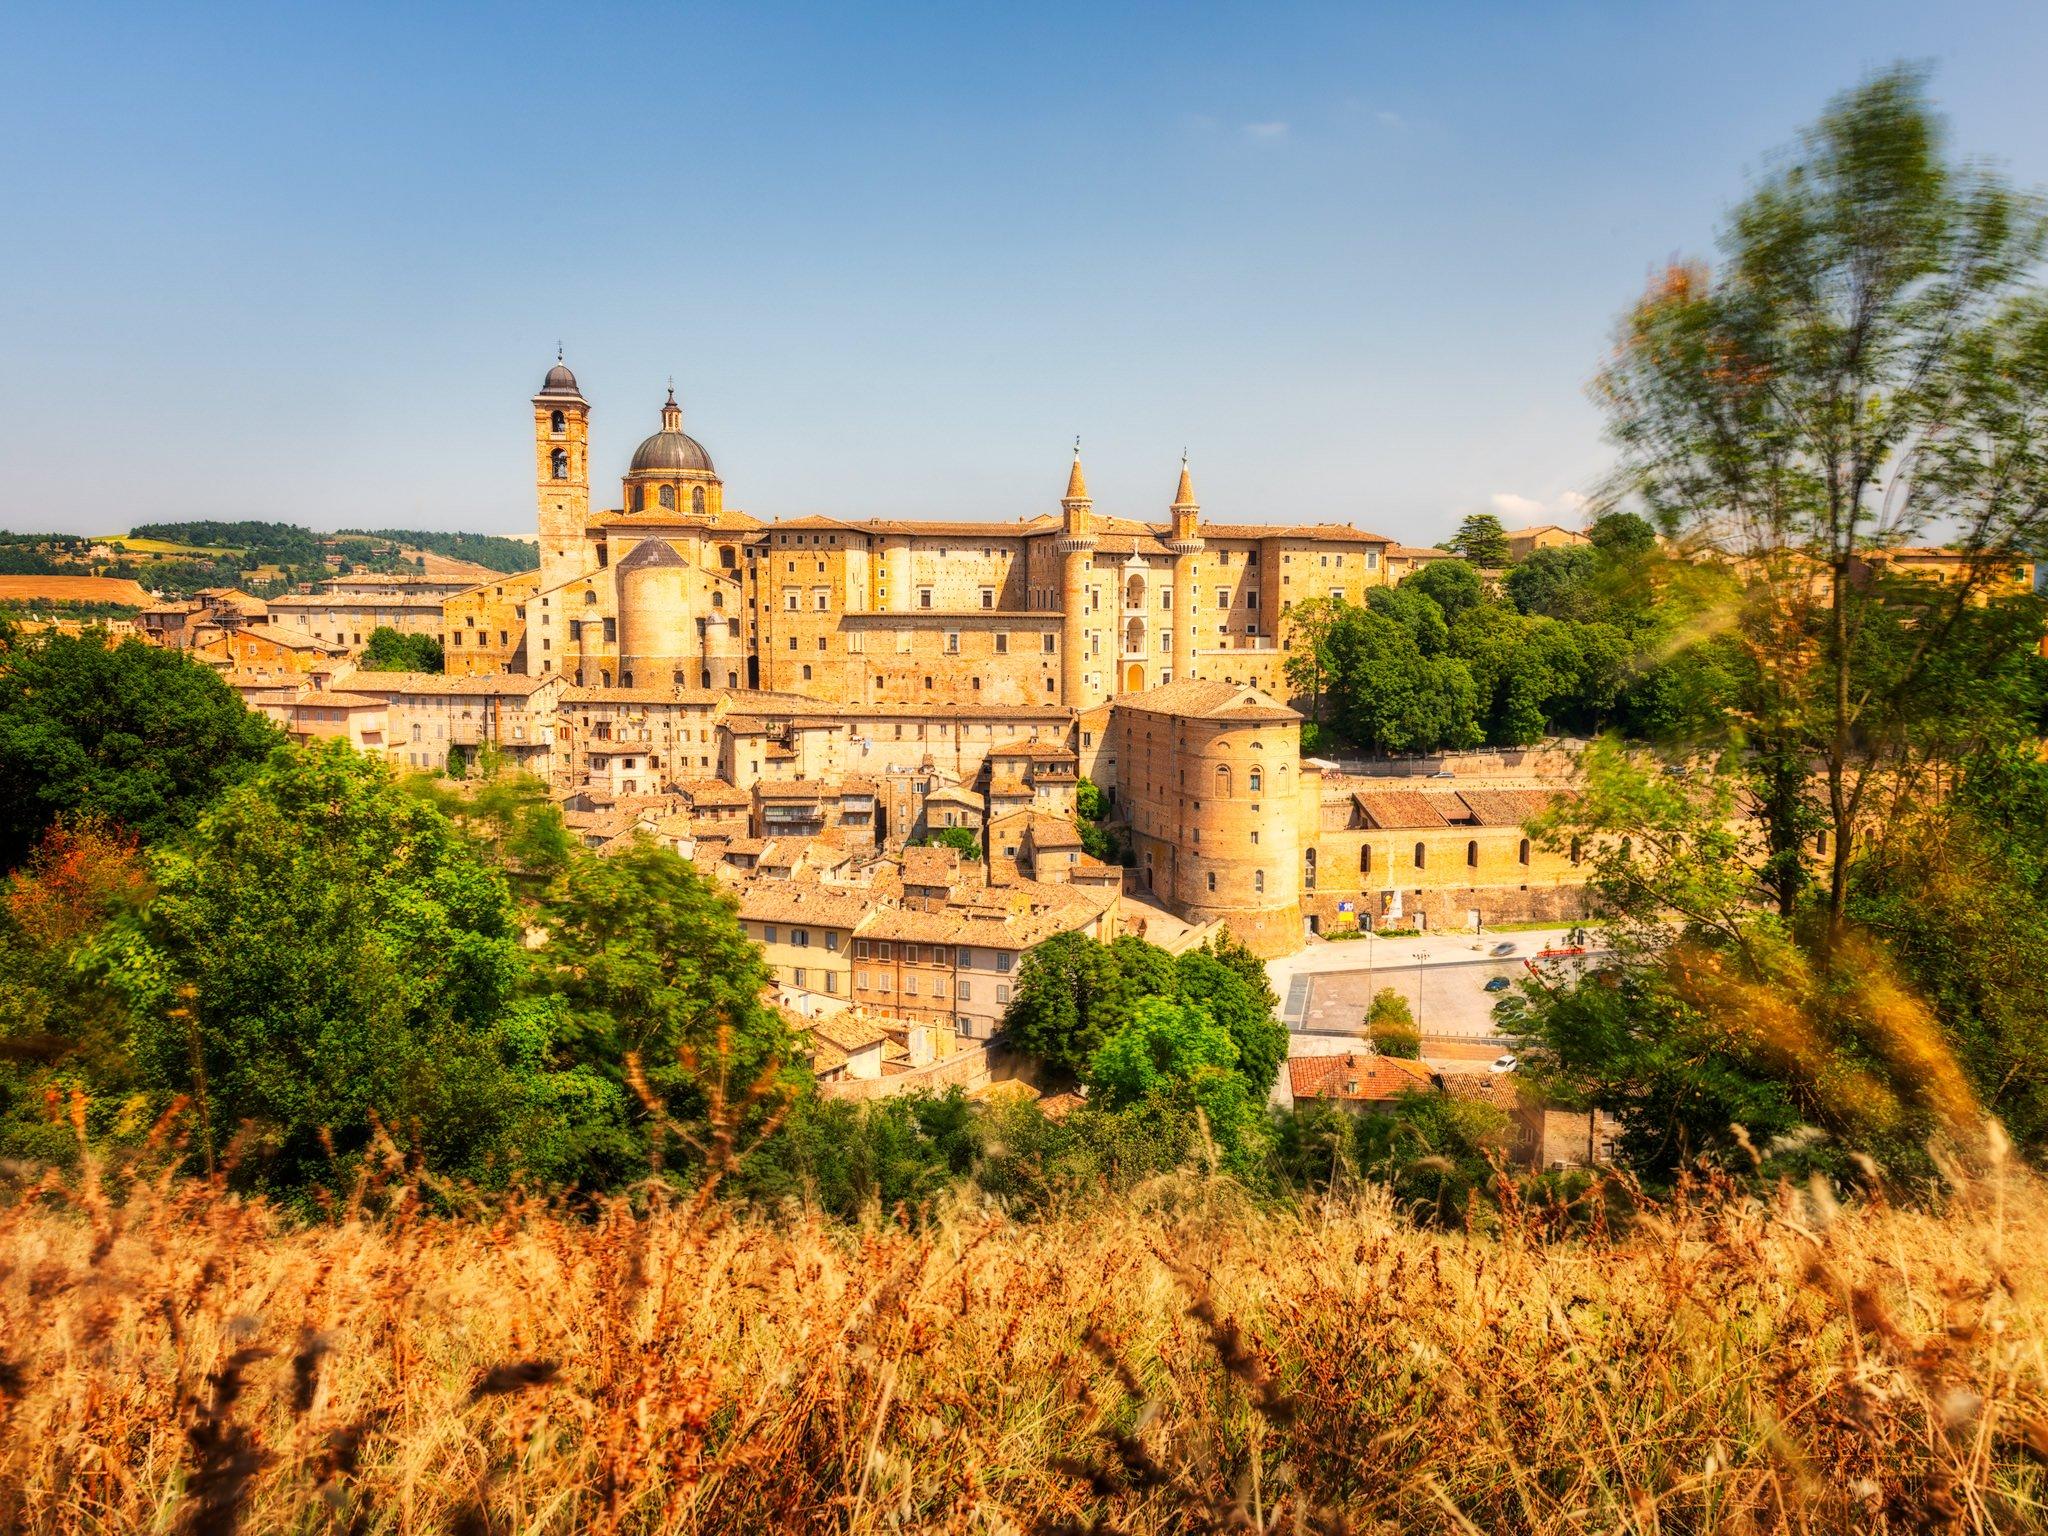 Foto von Urbino, einer mittelalterlichen Stadt in Italien.